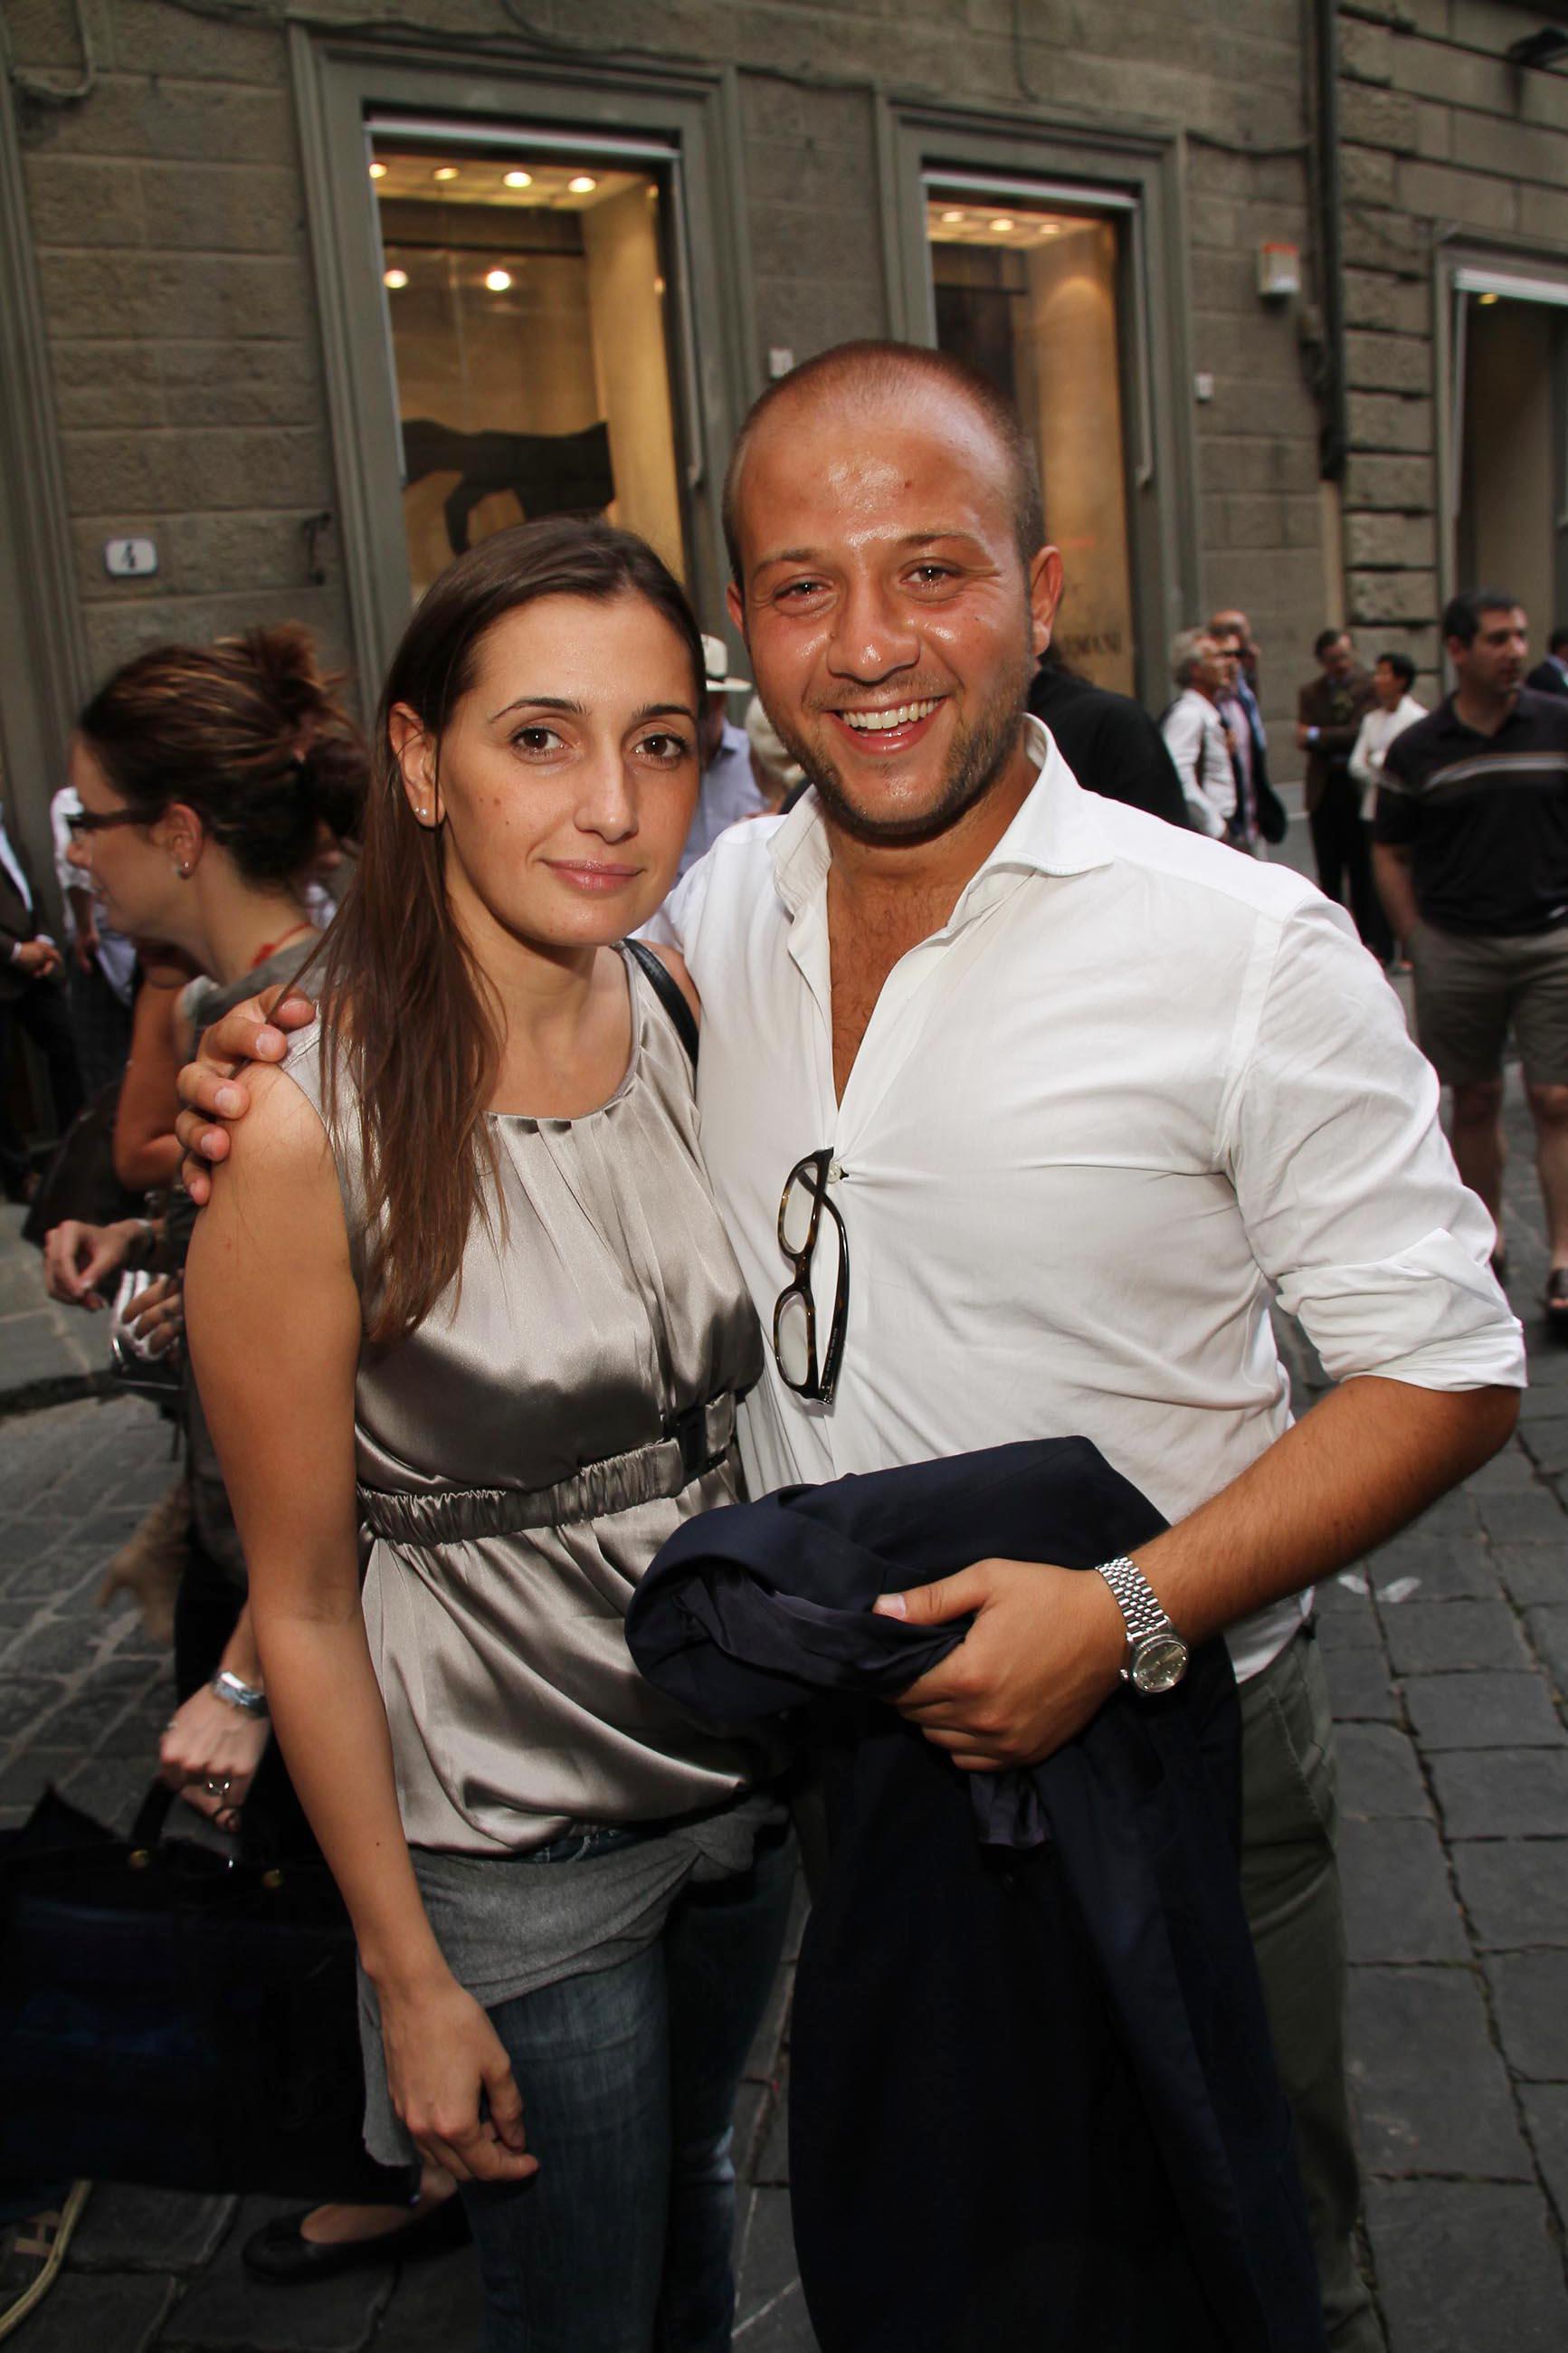 PRESSPHOTO Firenze, Evento Milord Aston Martin. Nella foto Pietro Di Matteo e Francesca Castagna